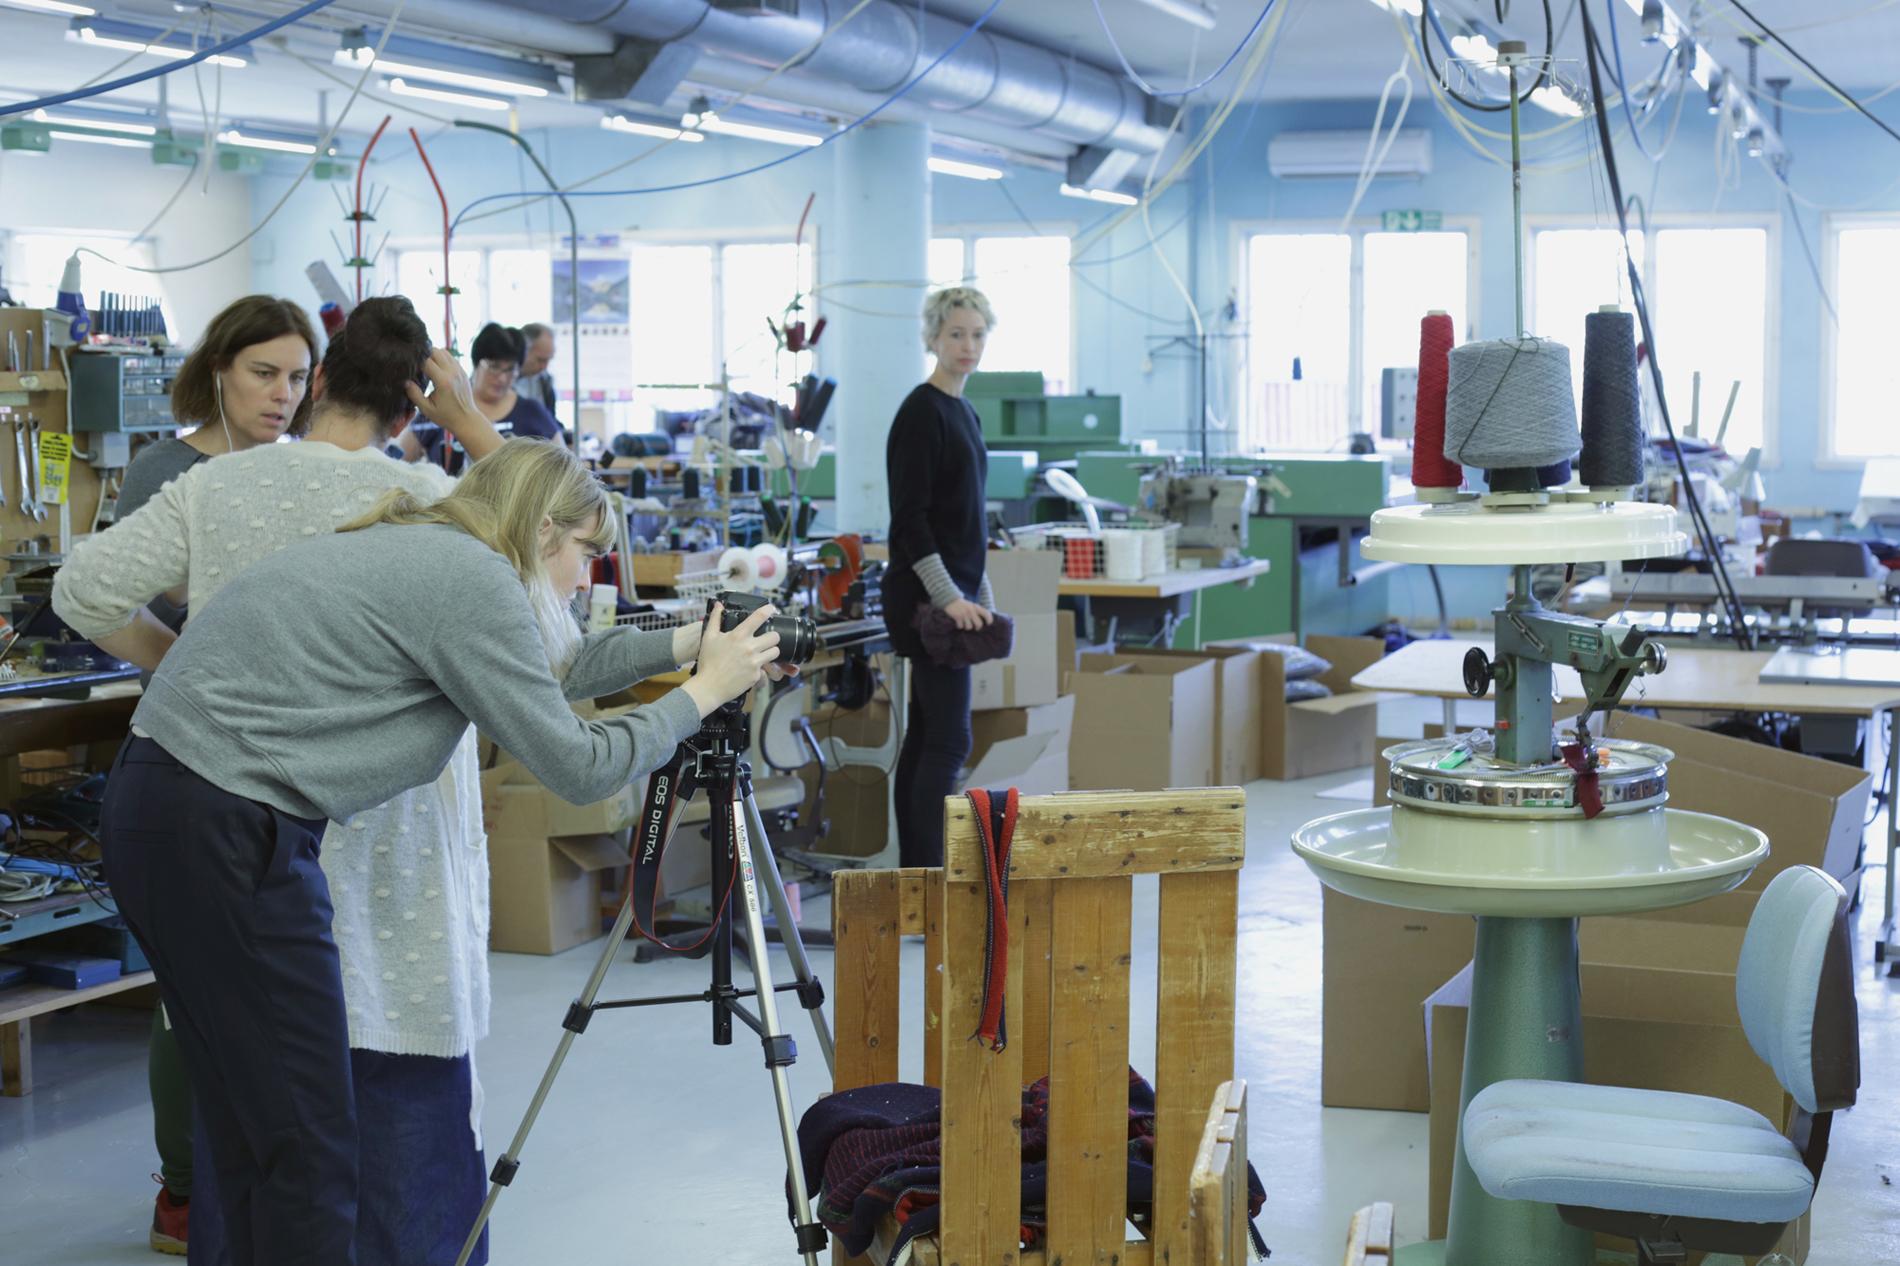 Pandora film sto for den praktiske opplæringen på Norlender Knitwear. Foto: Hanne Dale, Norsk Trikotasjemuseum, Salhus